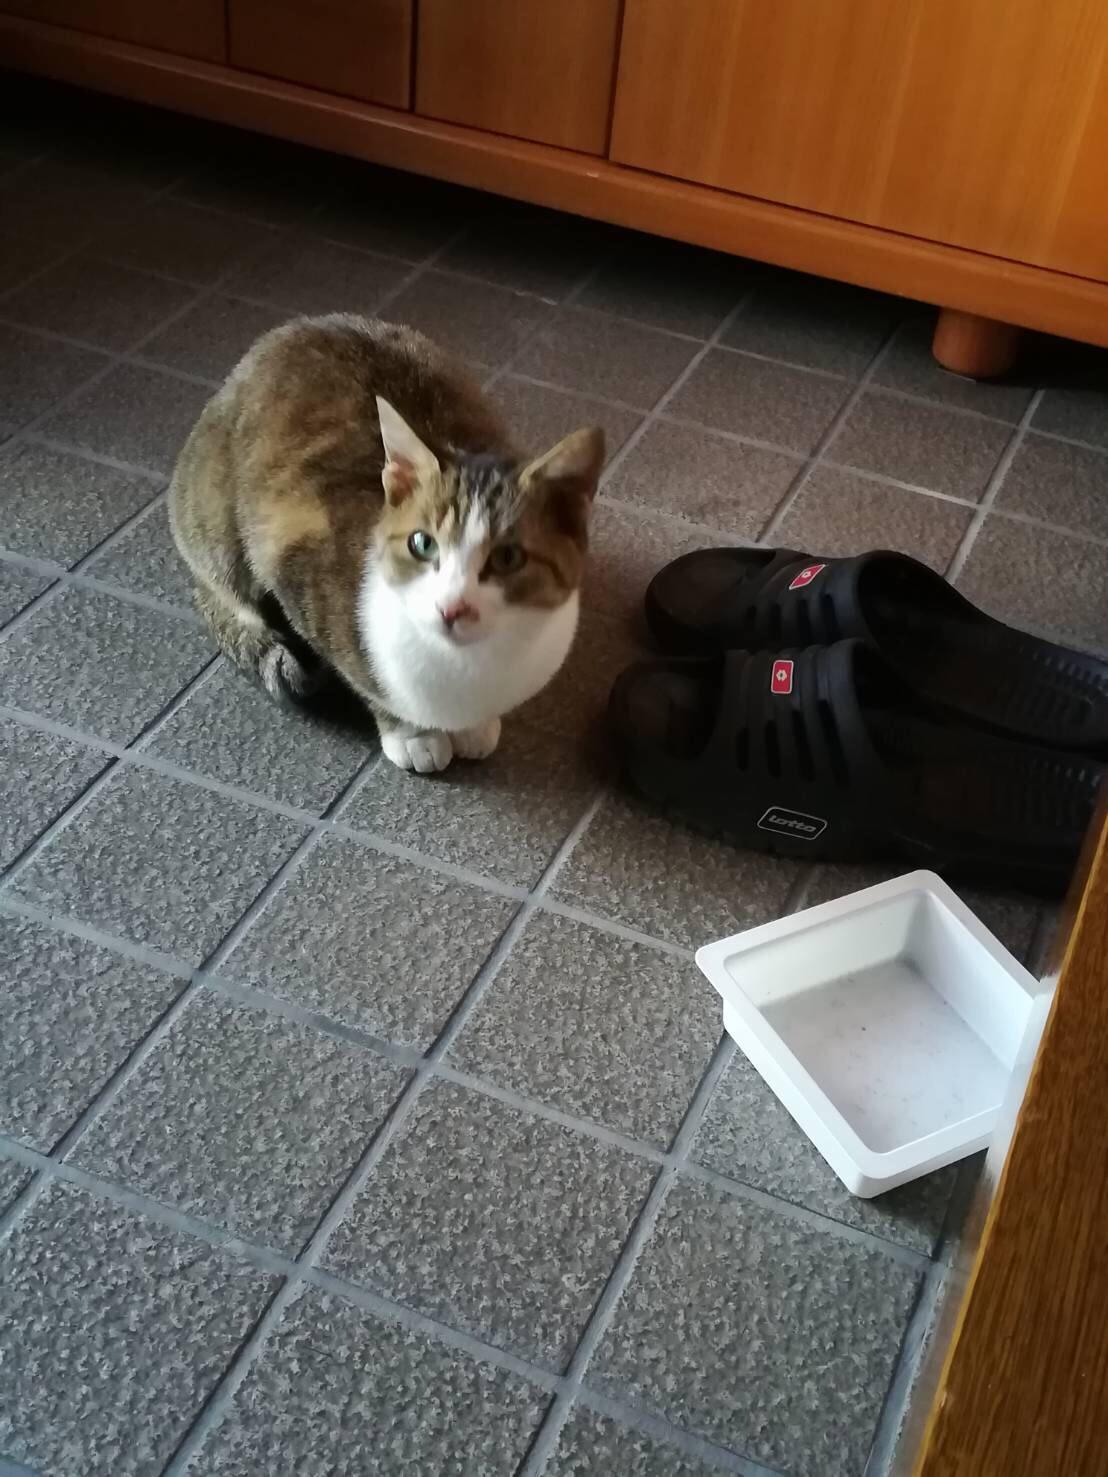 ついに玄関まではやってきた。「野良ネコを家ネコ」へアップデート中。